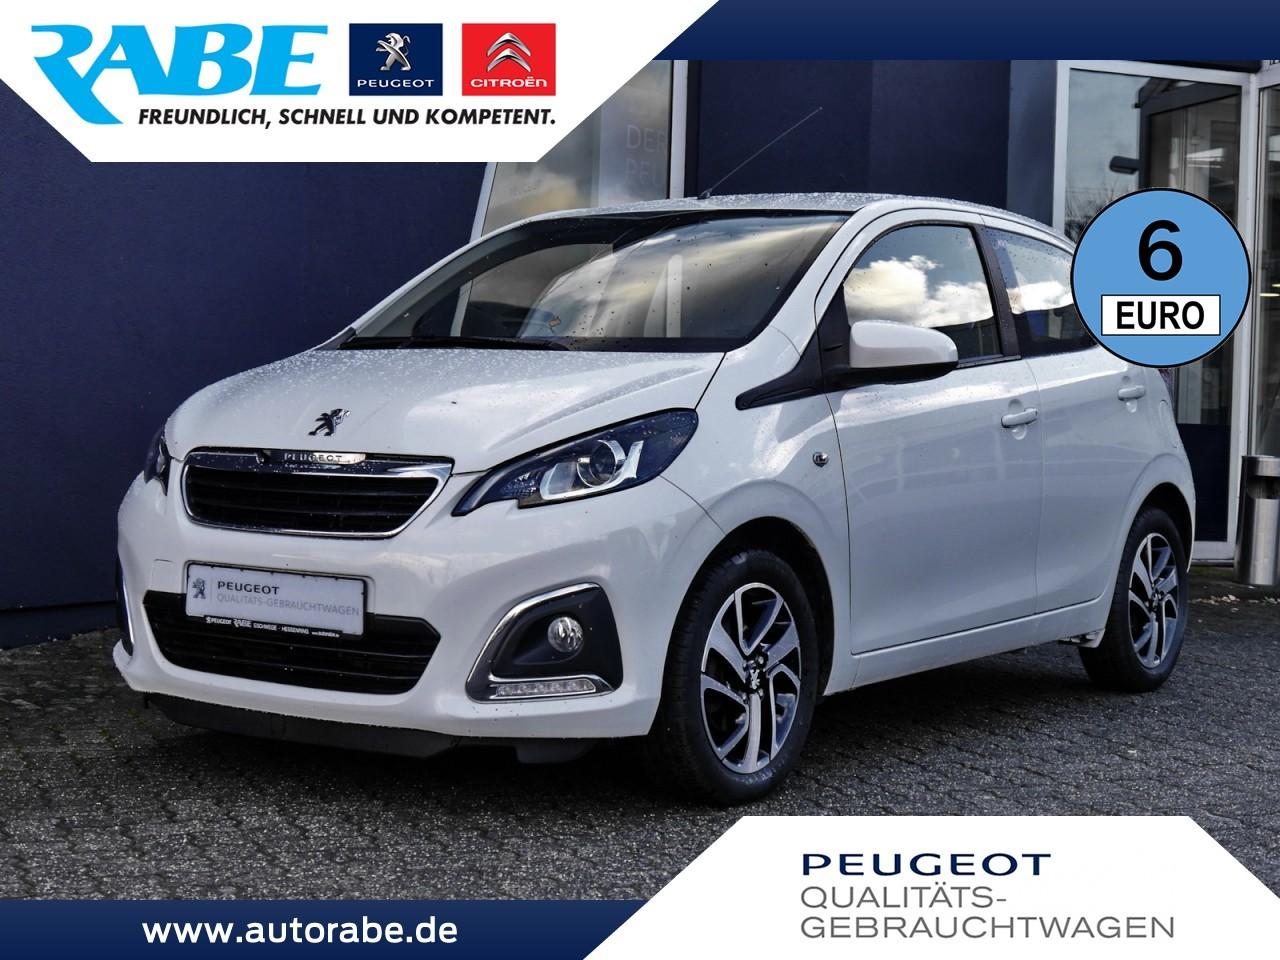 Peugeot 108 Allure 68 VTi Auto.+Sitzh.+Nebelscheinw., Jahr 2015, Benzin